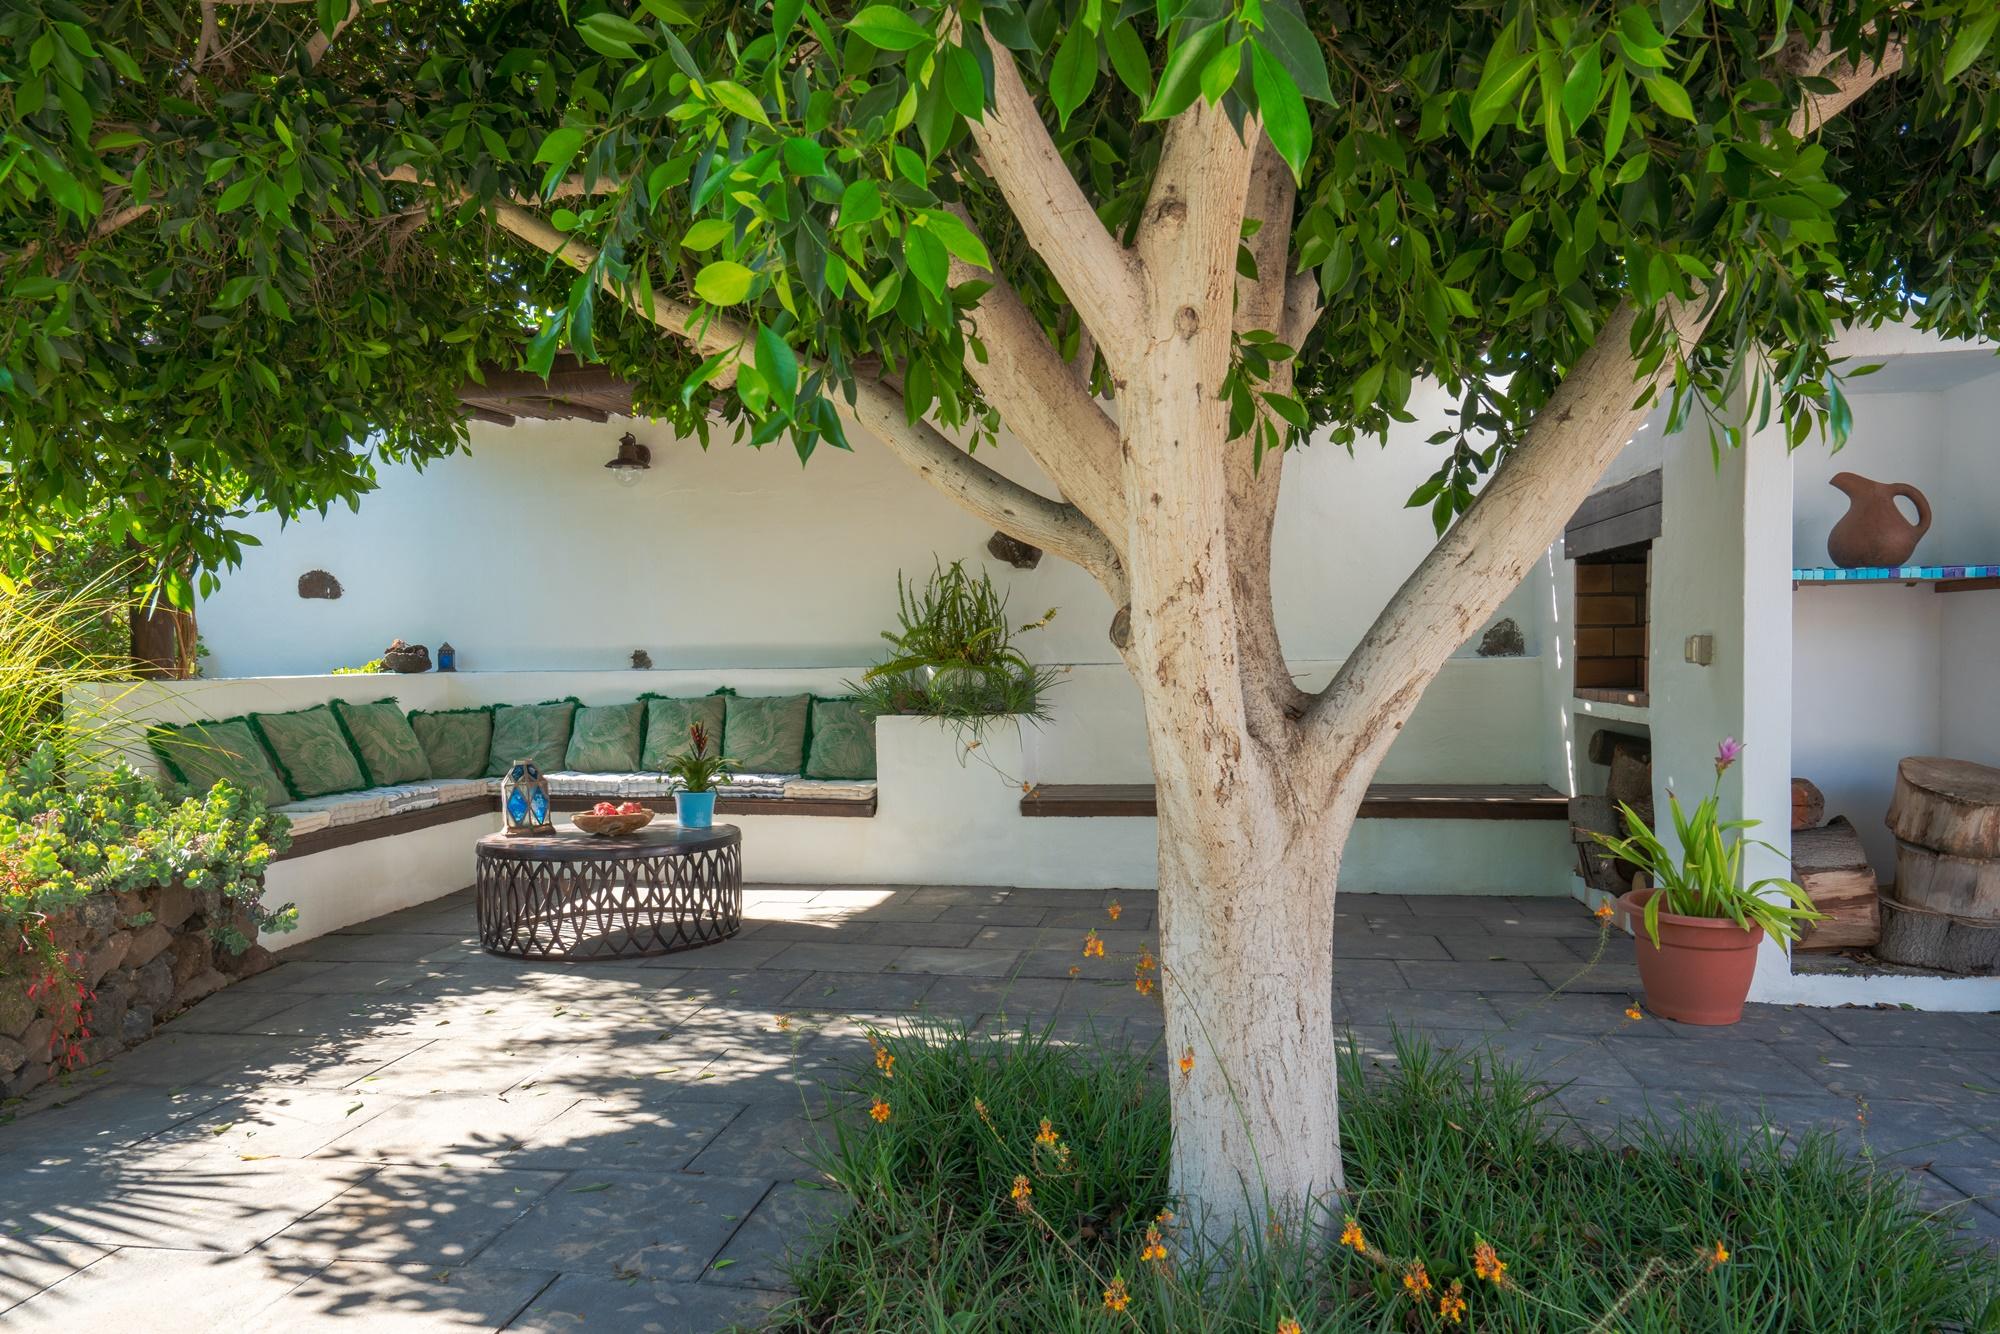 Secret-Garden-Photo-3 Resized.jpg